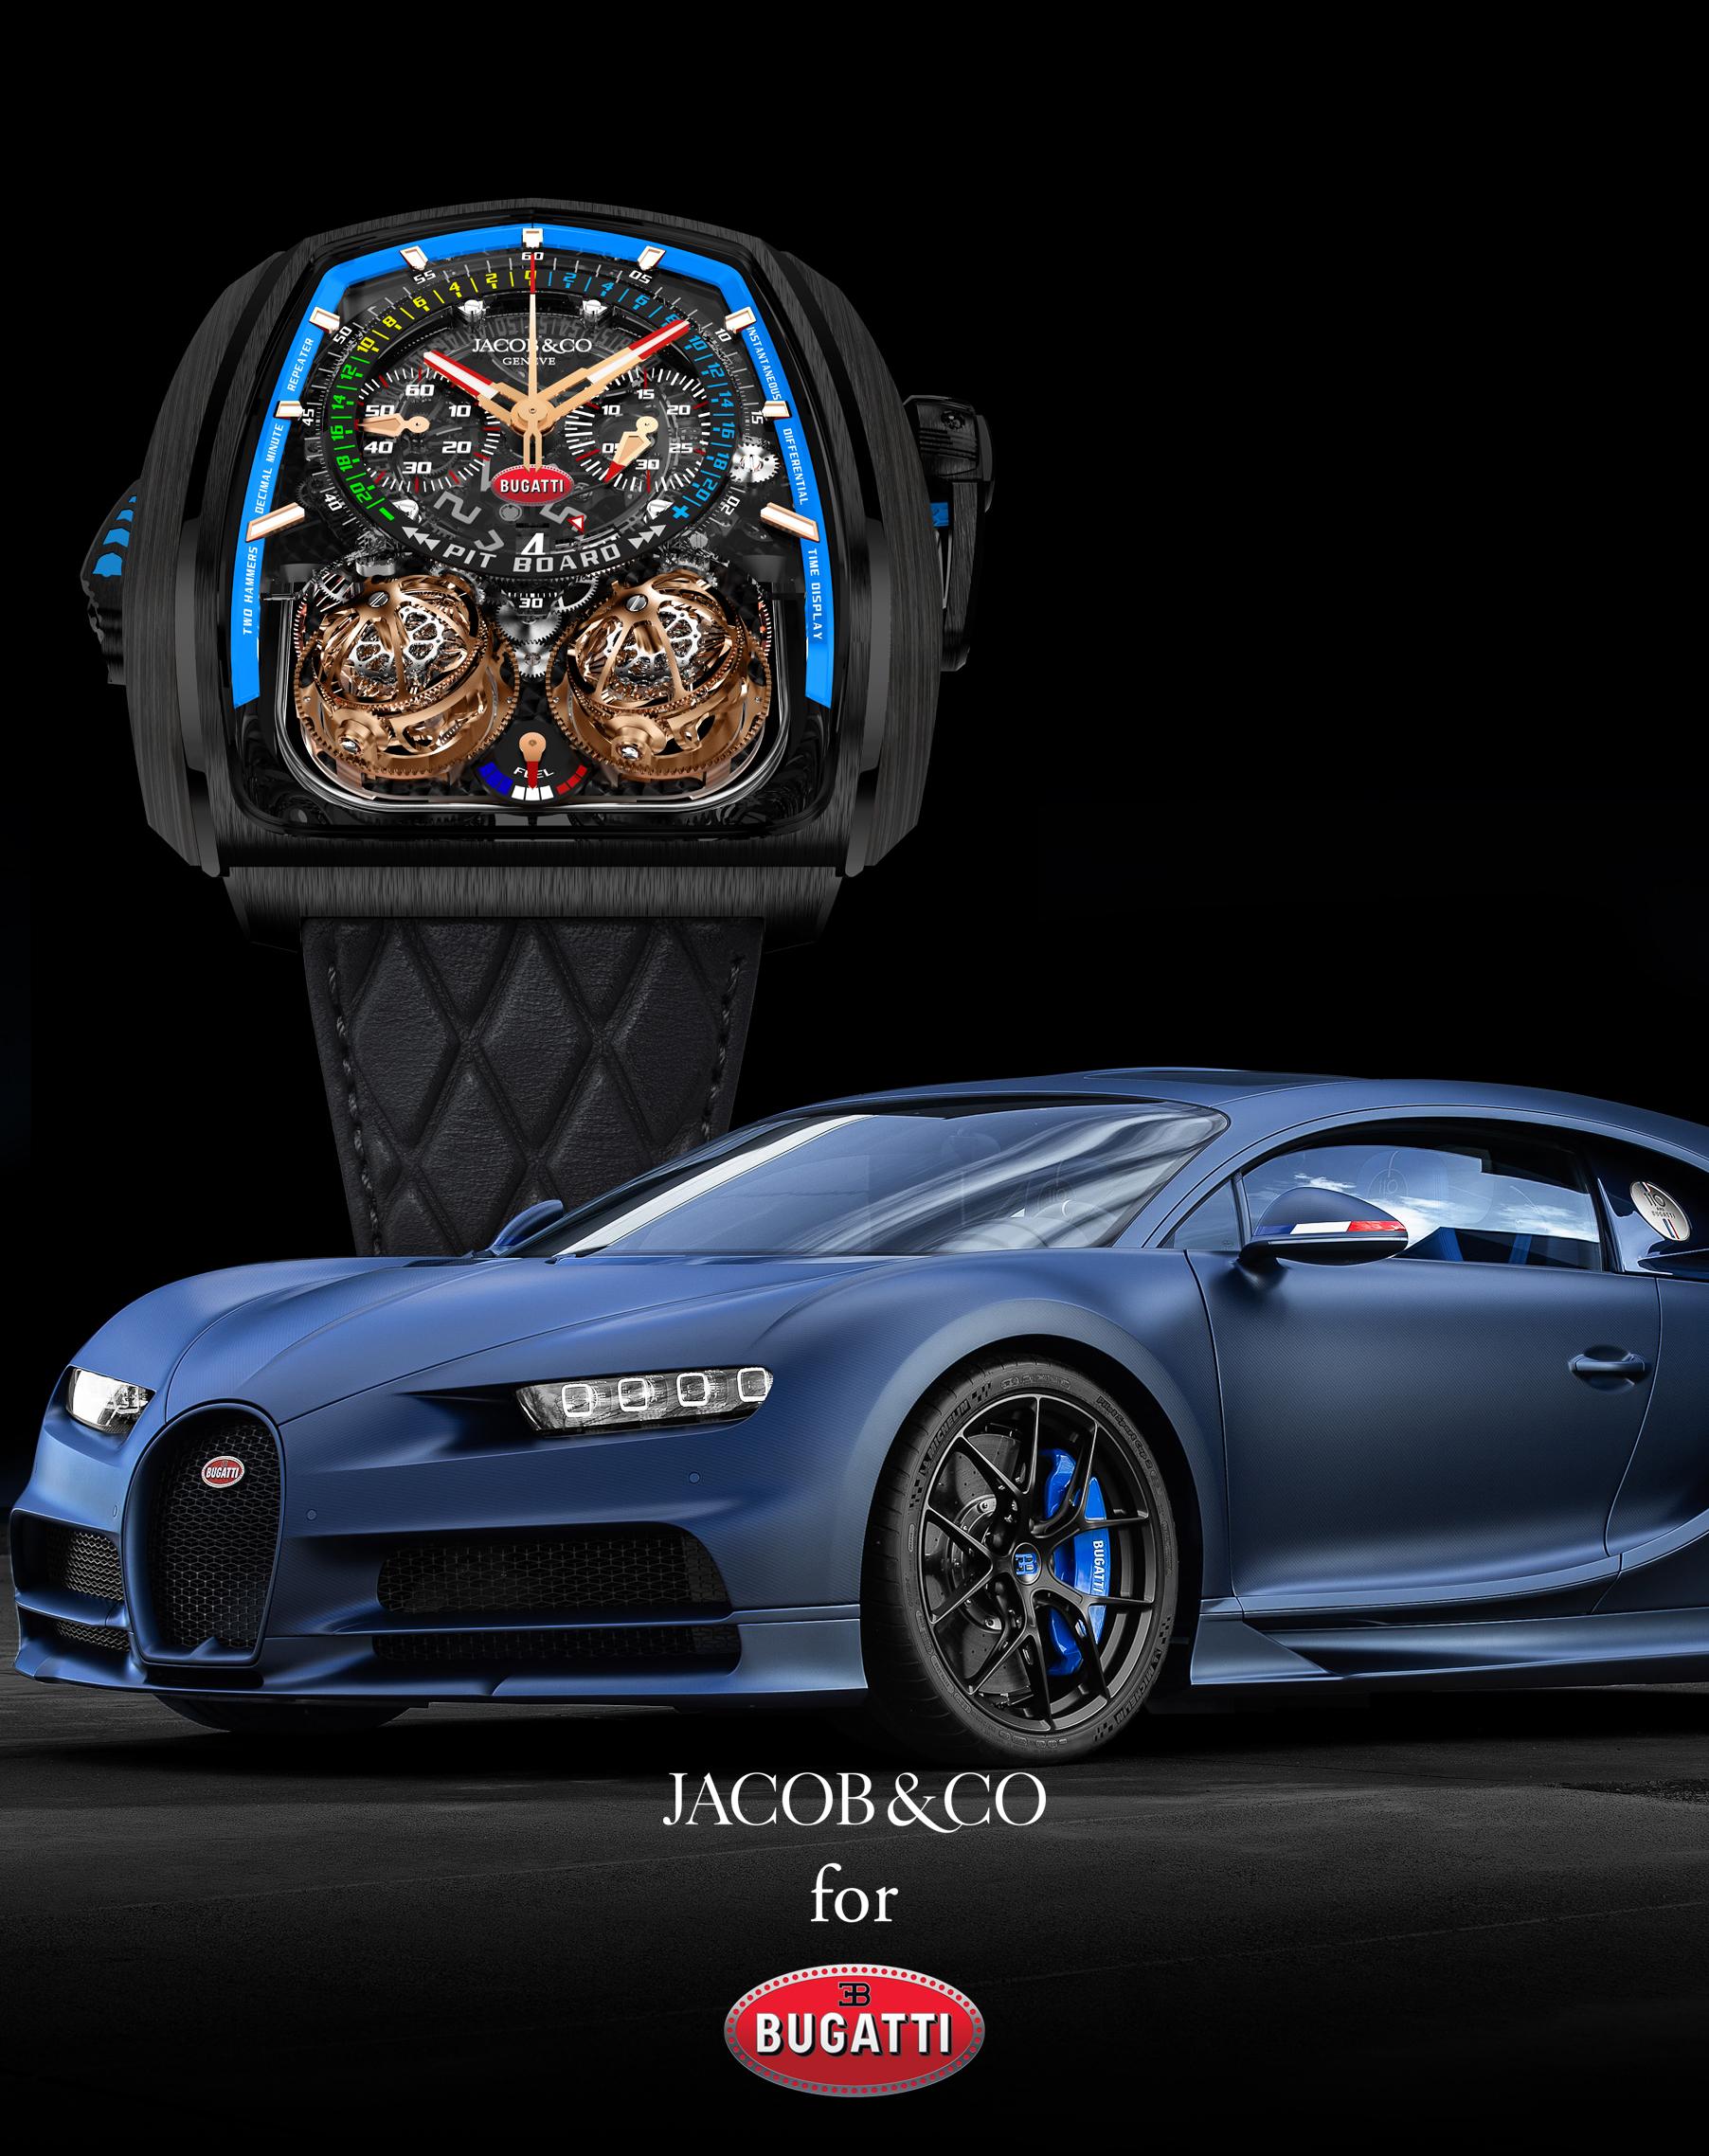 Jacob & Co. et Bugatti deviennent partenaires